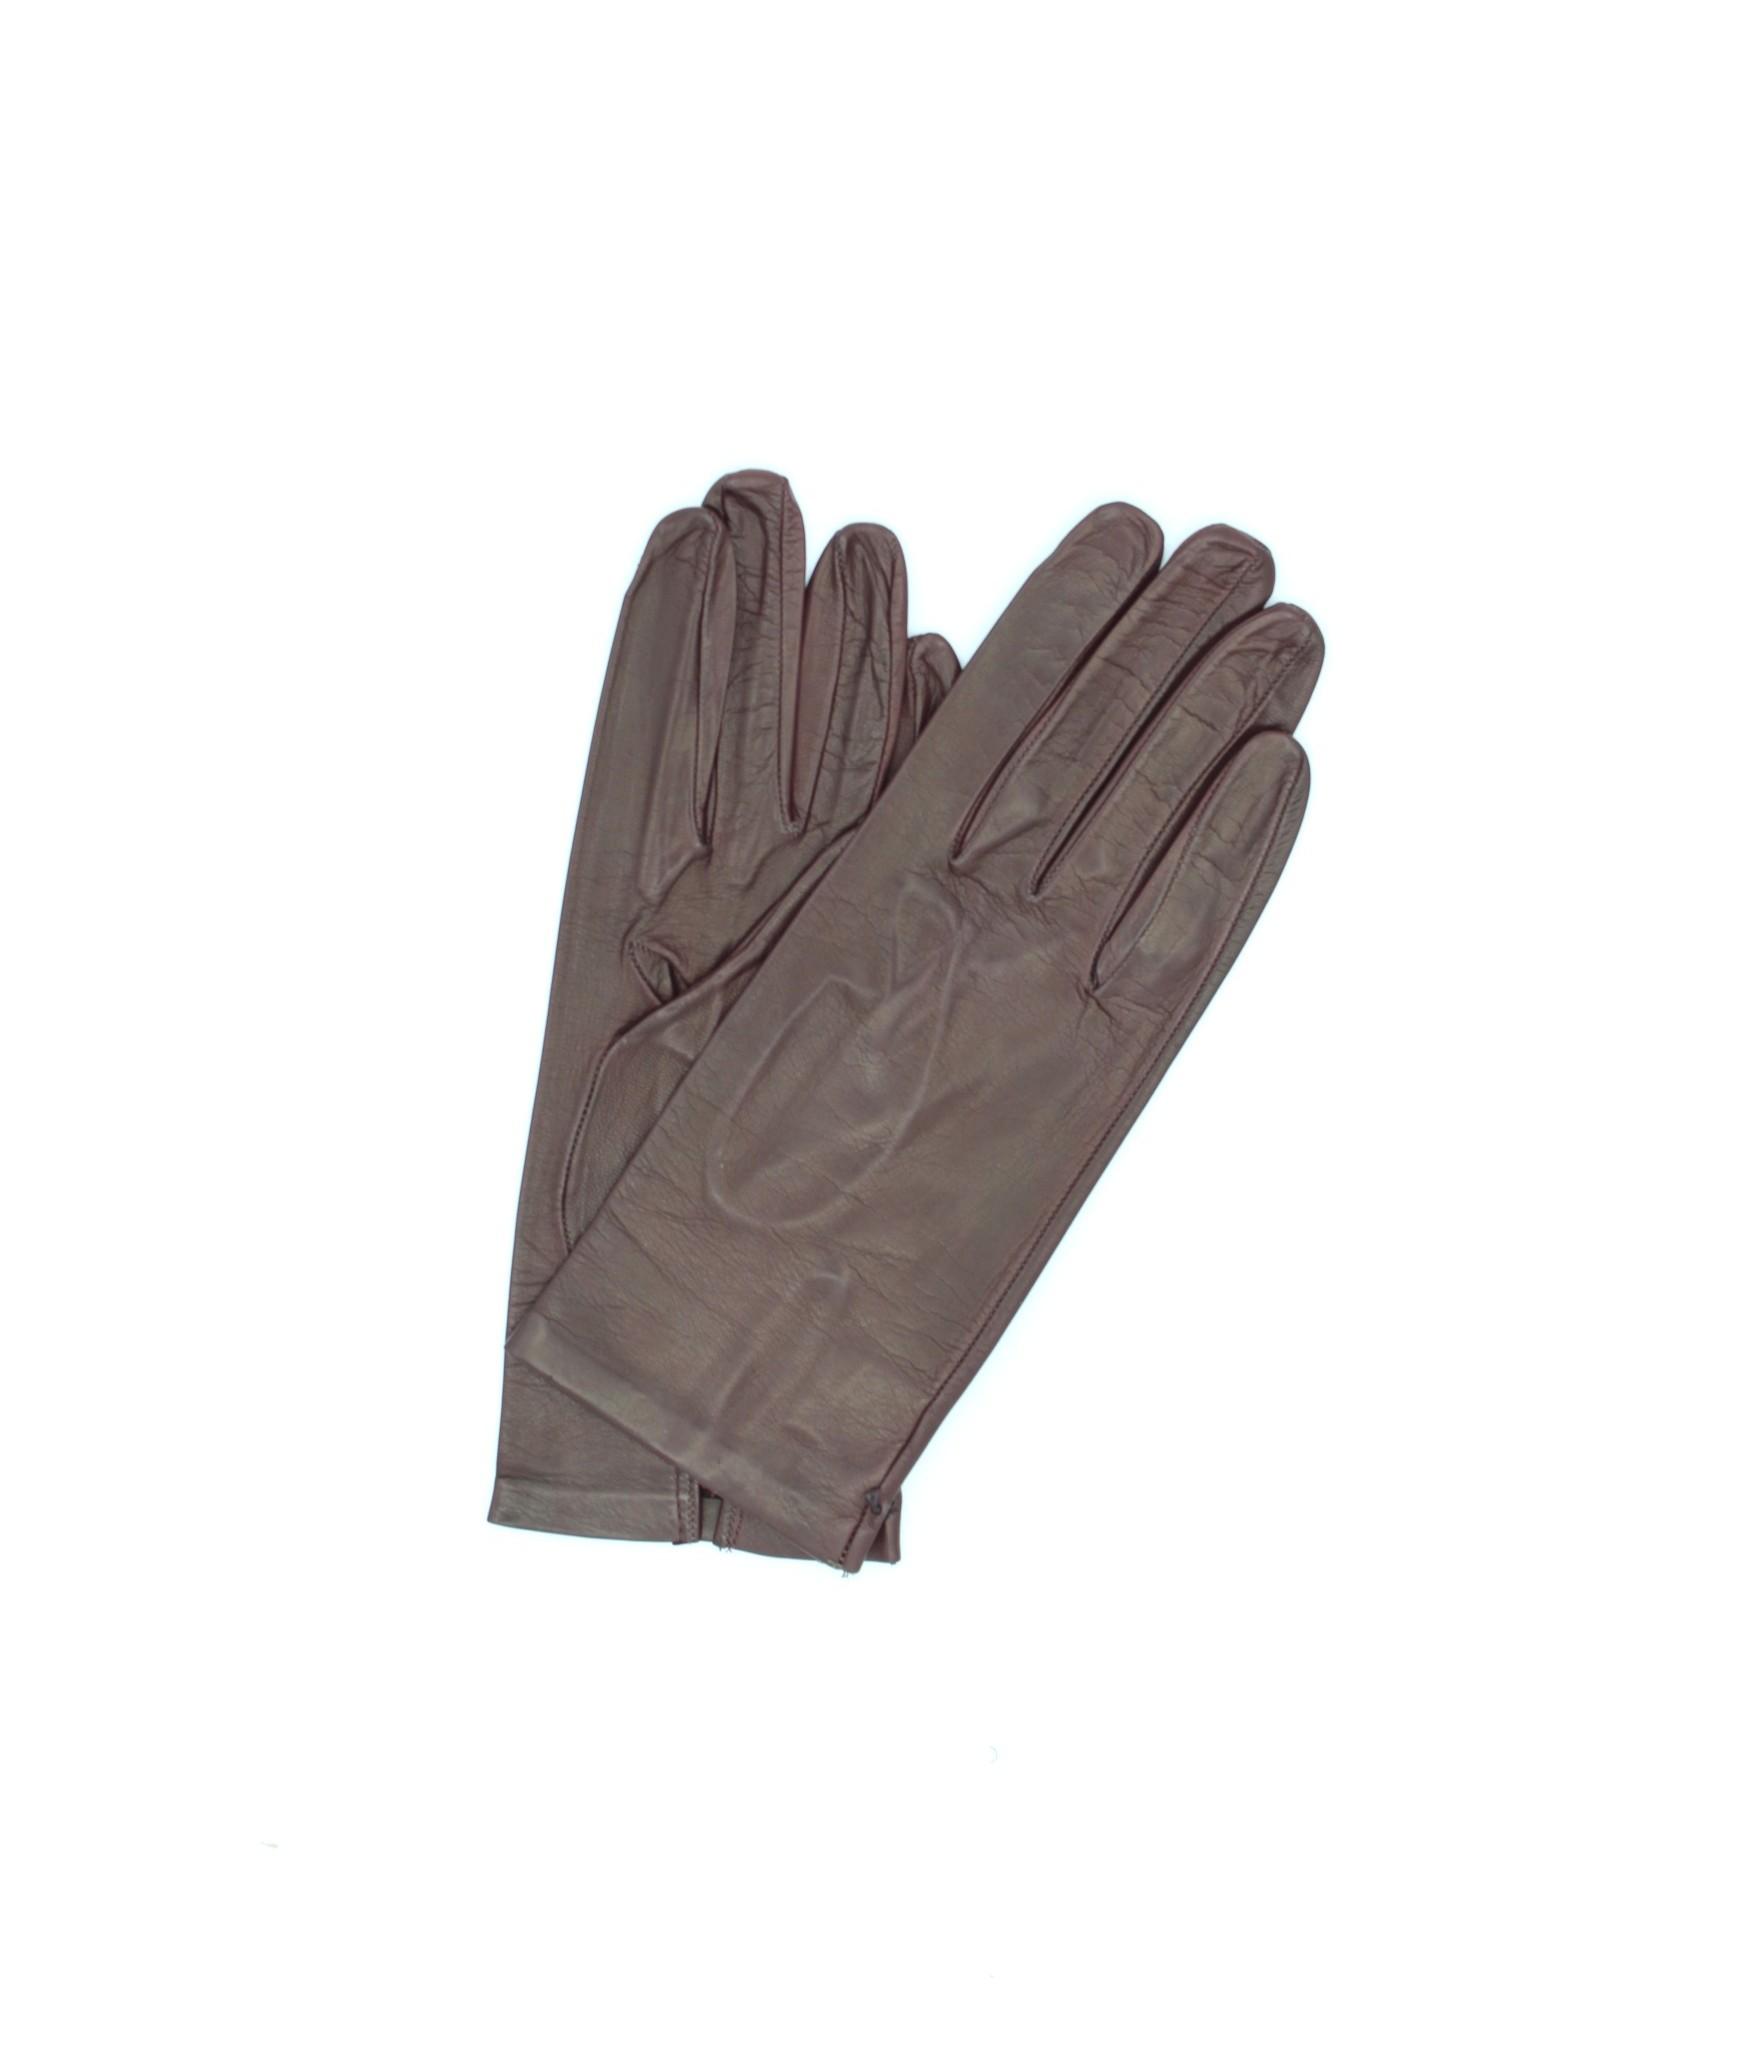 Guanto in nappa 2bt sfoderato Bordeaux Sermoneta Gloves Guanti